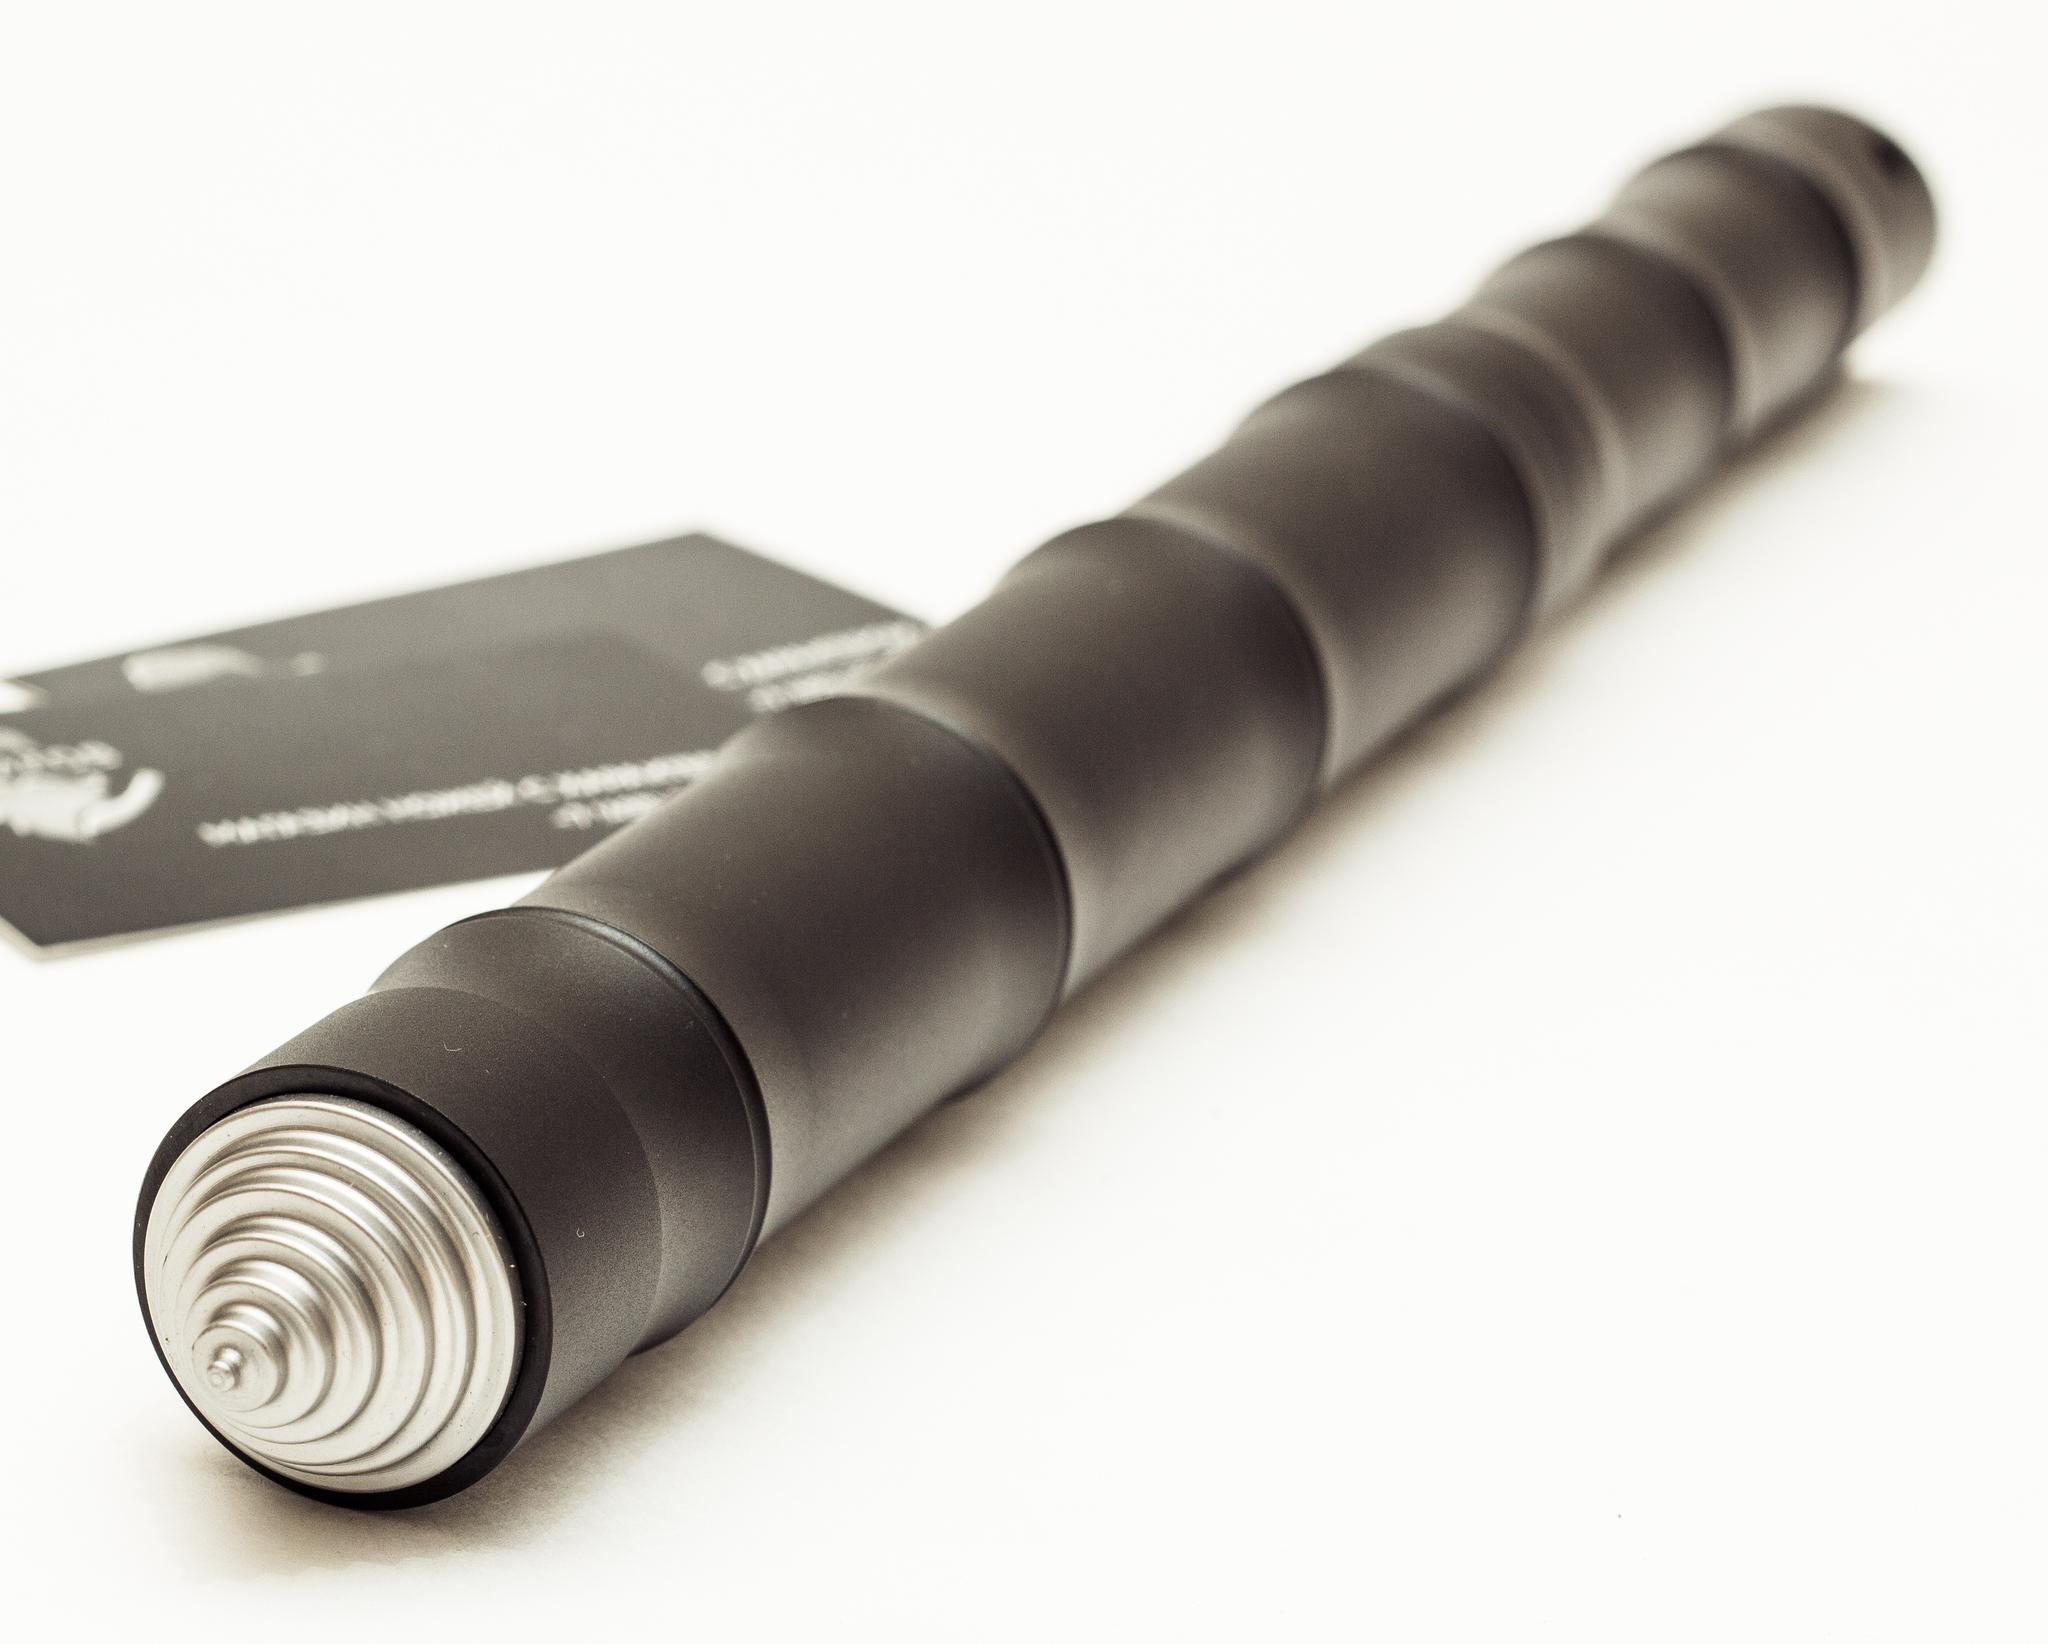 Фото 12 - Нож дубинка скрытого ношения Бамбук от Steelclaw